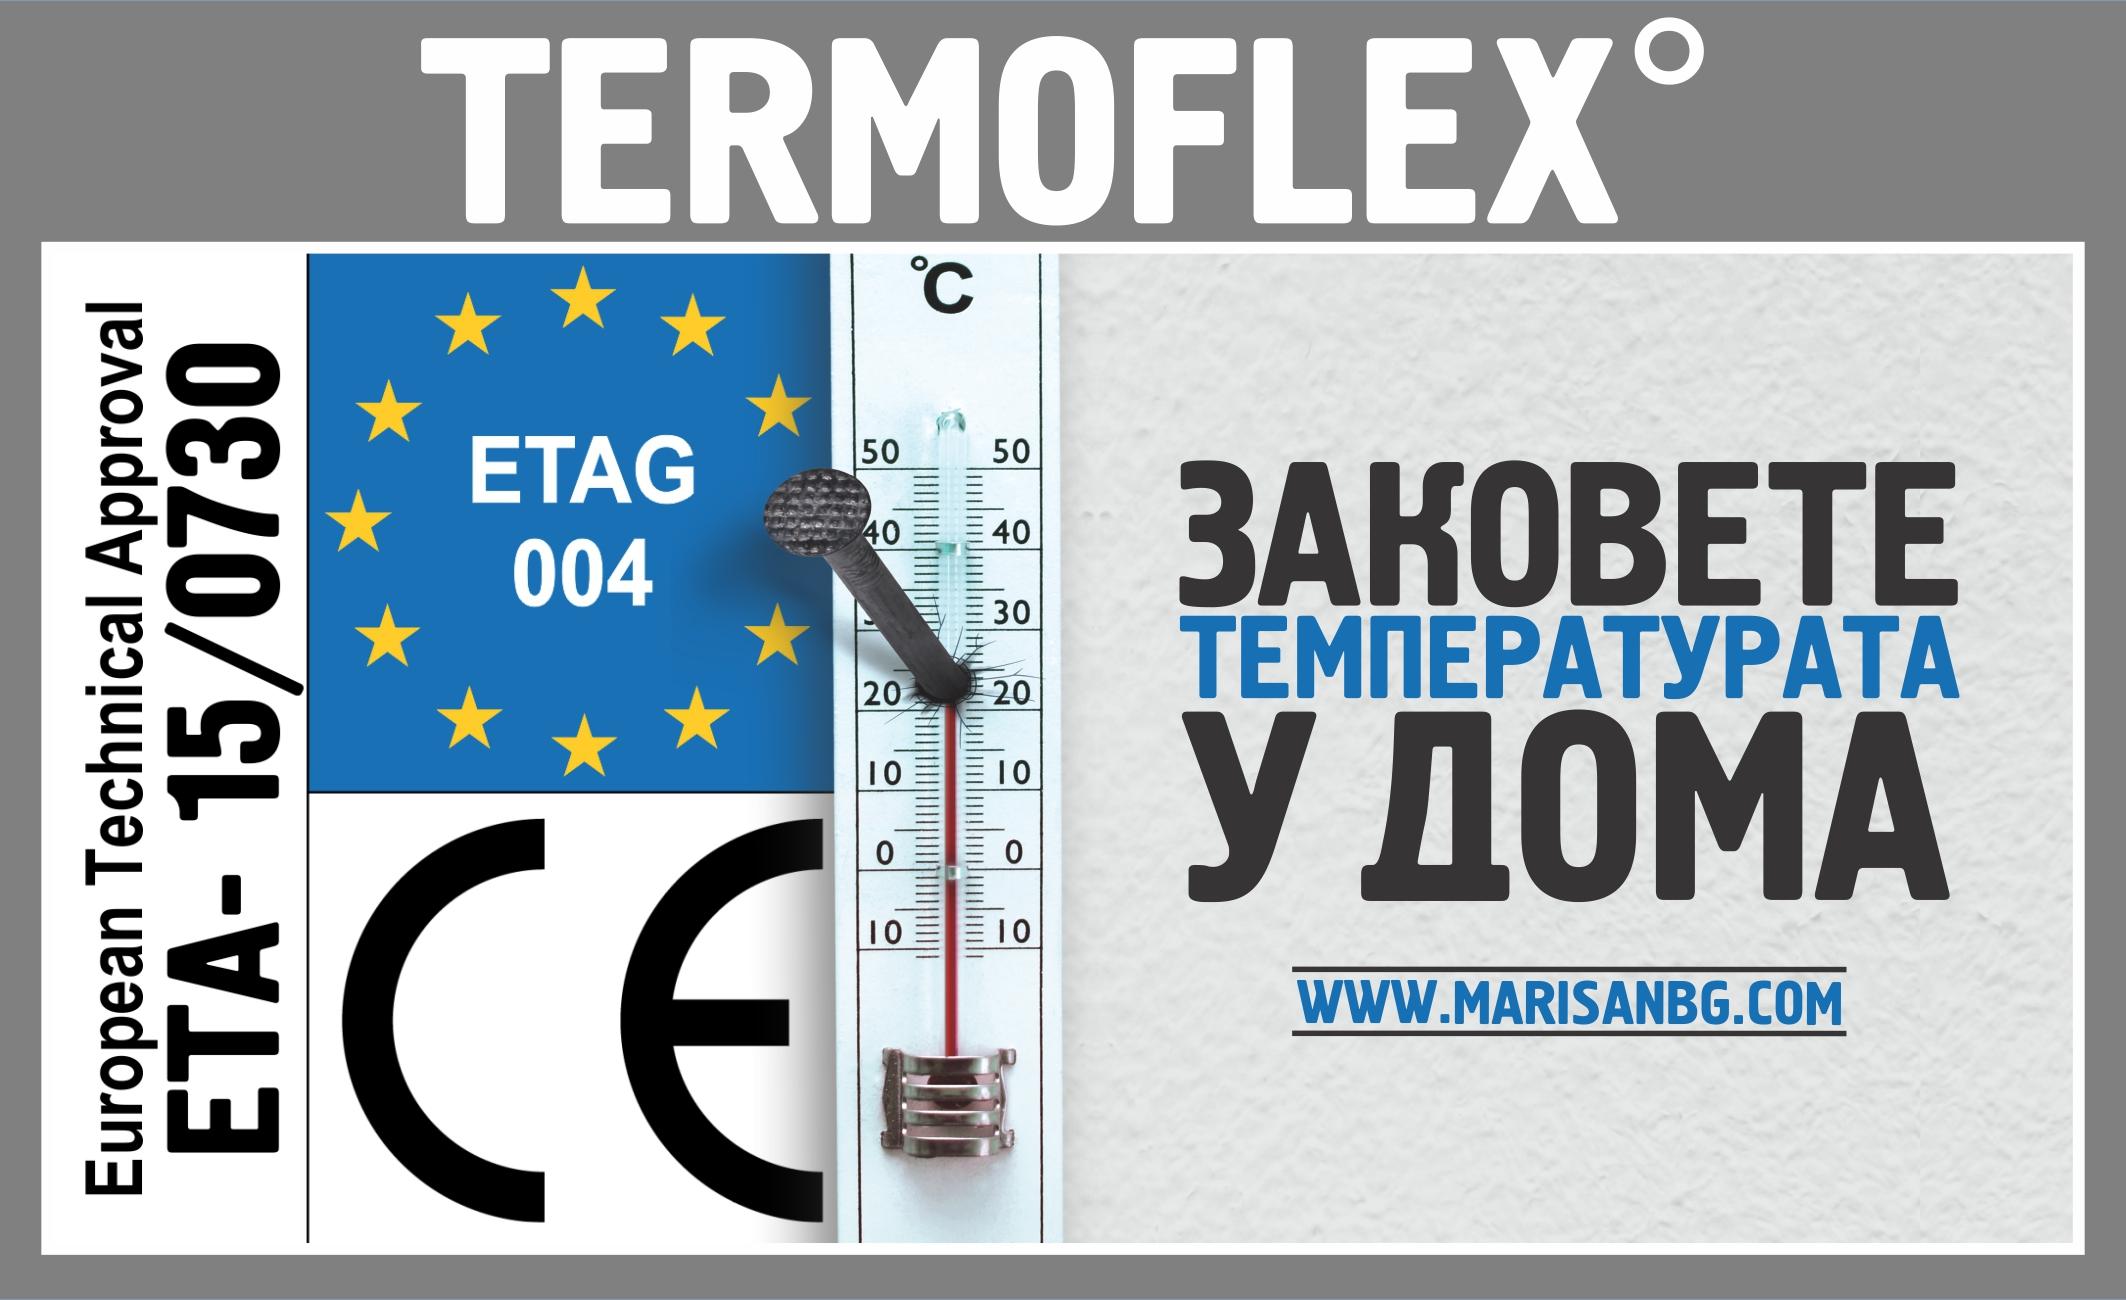 3dab59bf0a6 Топлоизолационните системи на МАРИСАН сертифицирани съгласно международната  спецификация ETAG 004